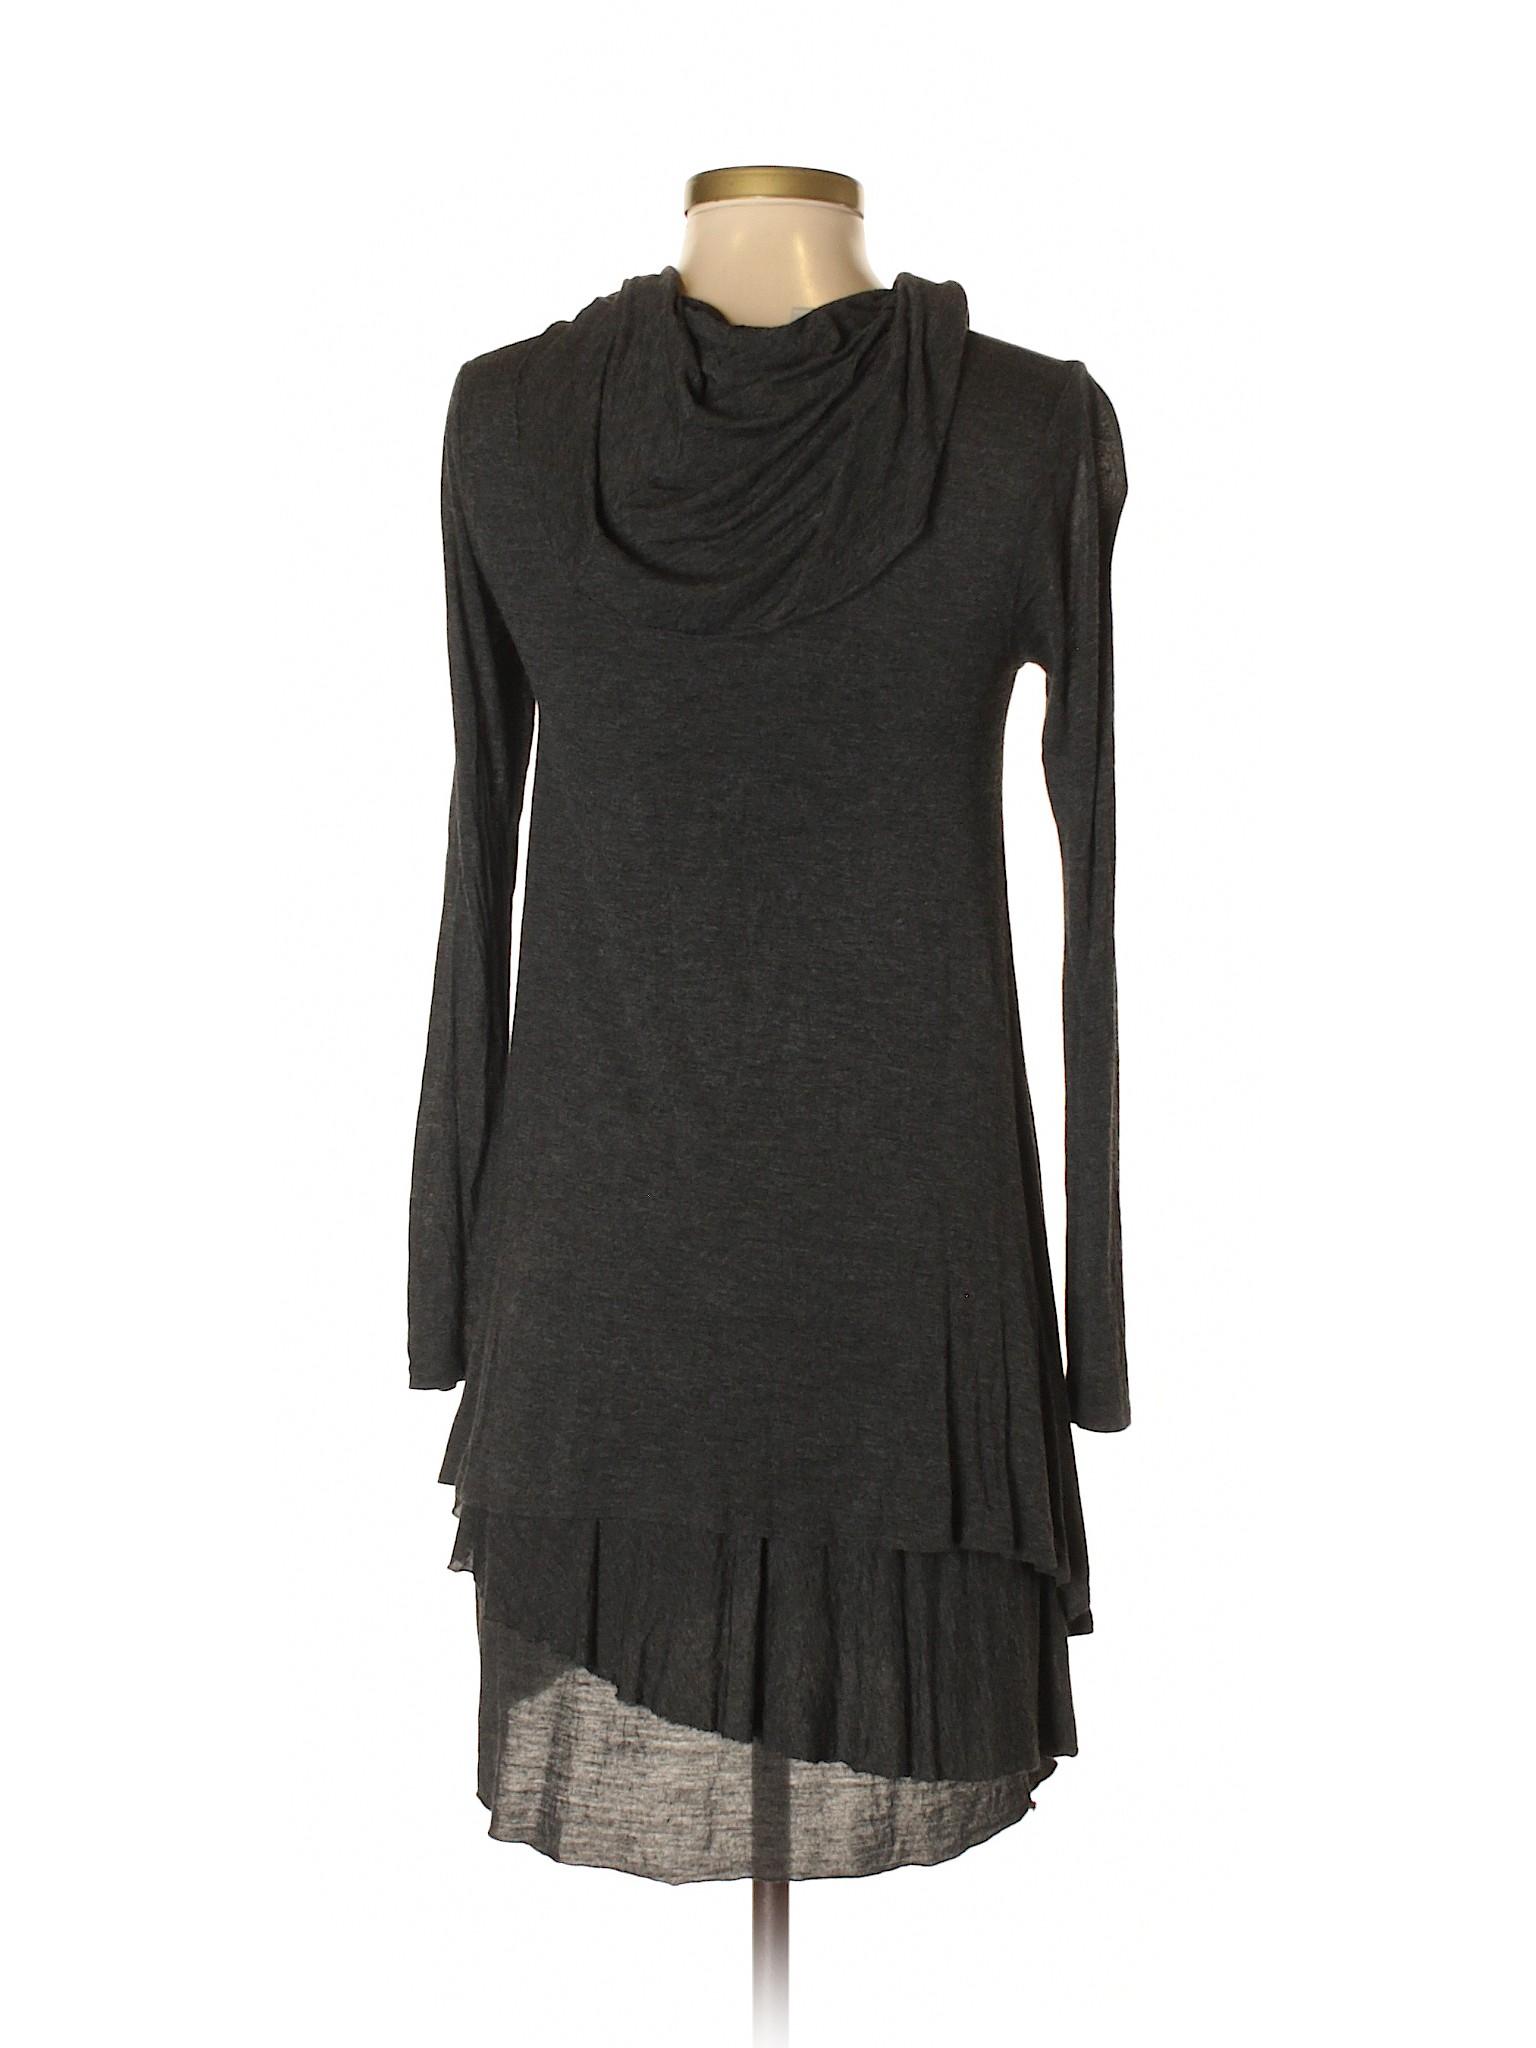 Boutique Boutique Kensie winter Casual Dress winter pn5qFnzCwx